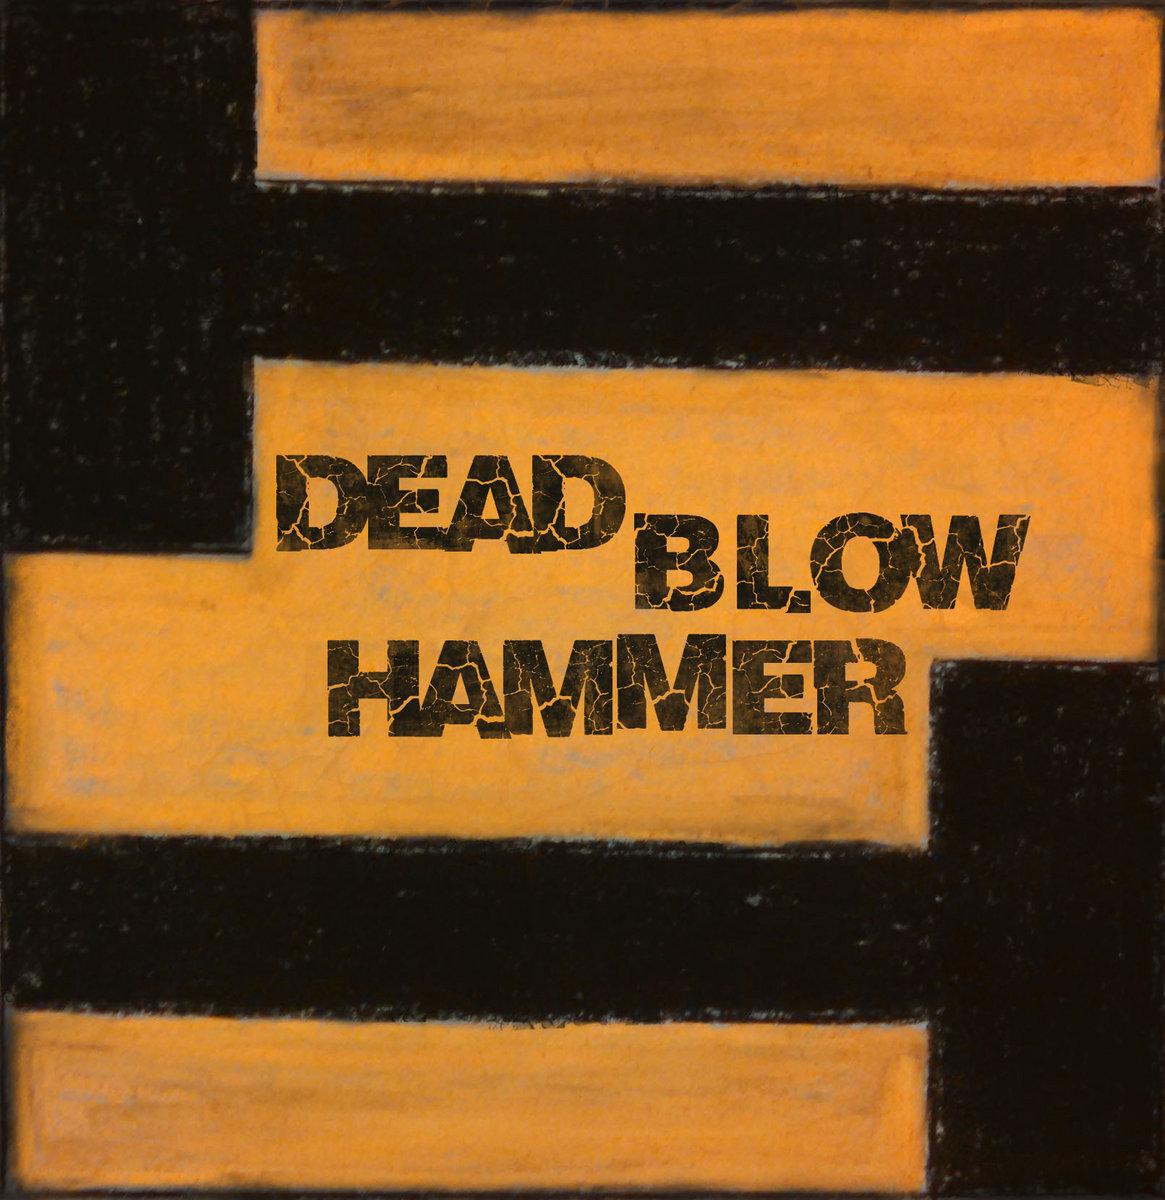 Dead Blow Hammer Dead Blow Hammer Deneers copper hammer with fiber glass handle/ wooden handle stanley camp axe sho 5 fiberglass handle dead blow hammer. dead blow hammer